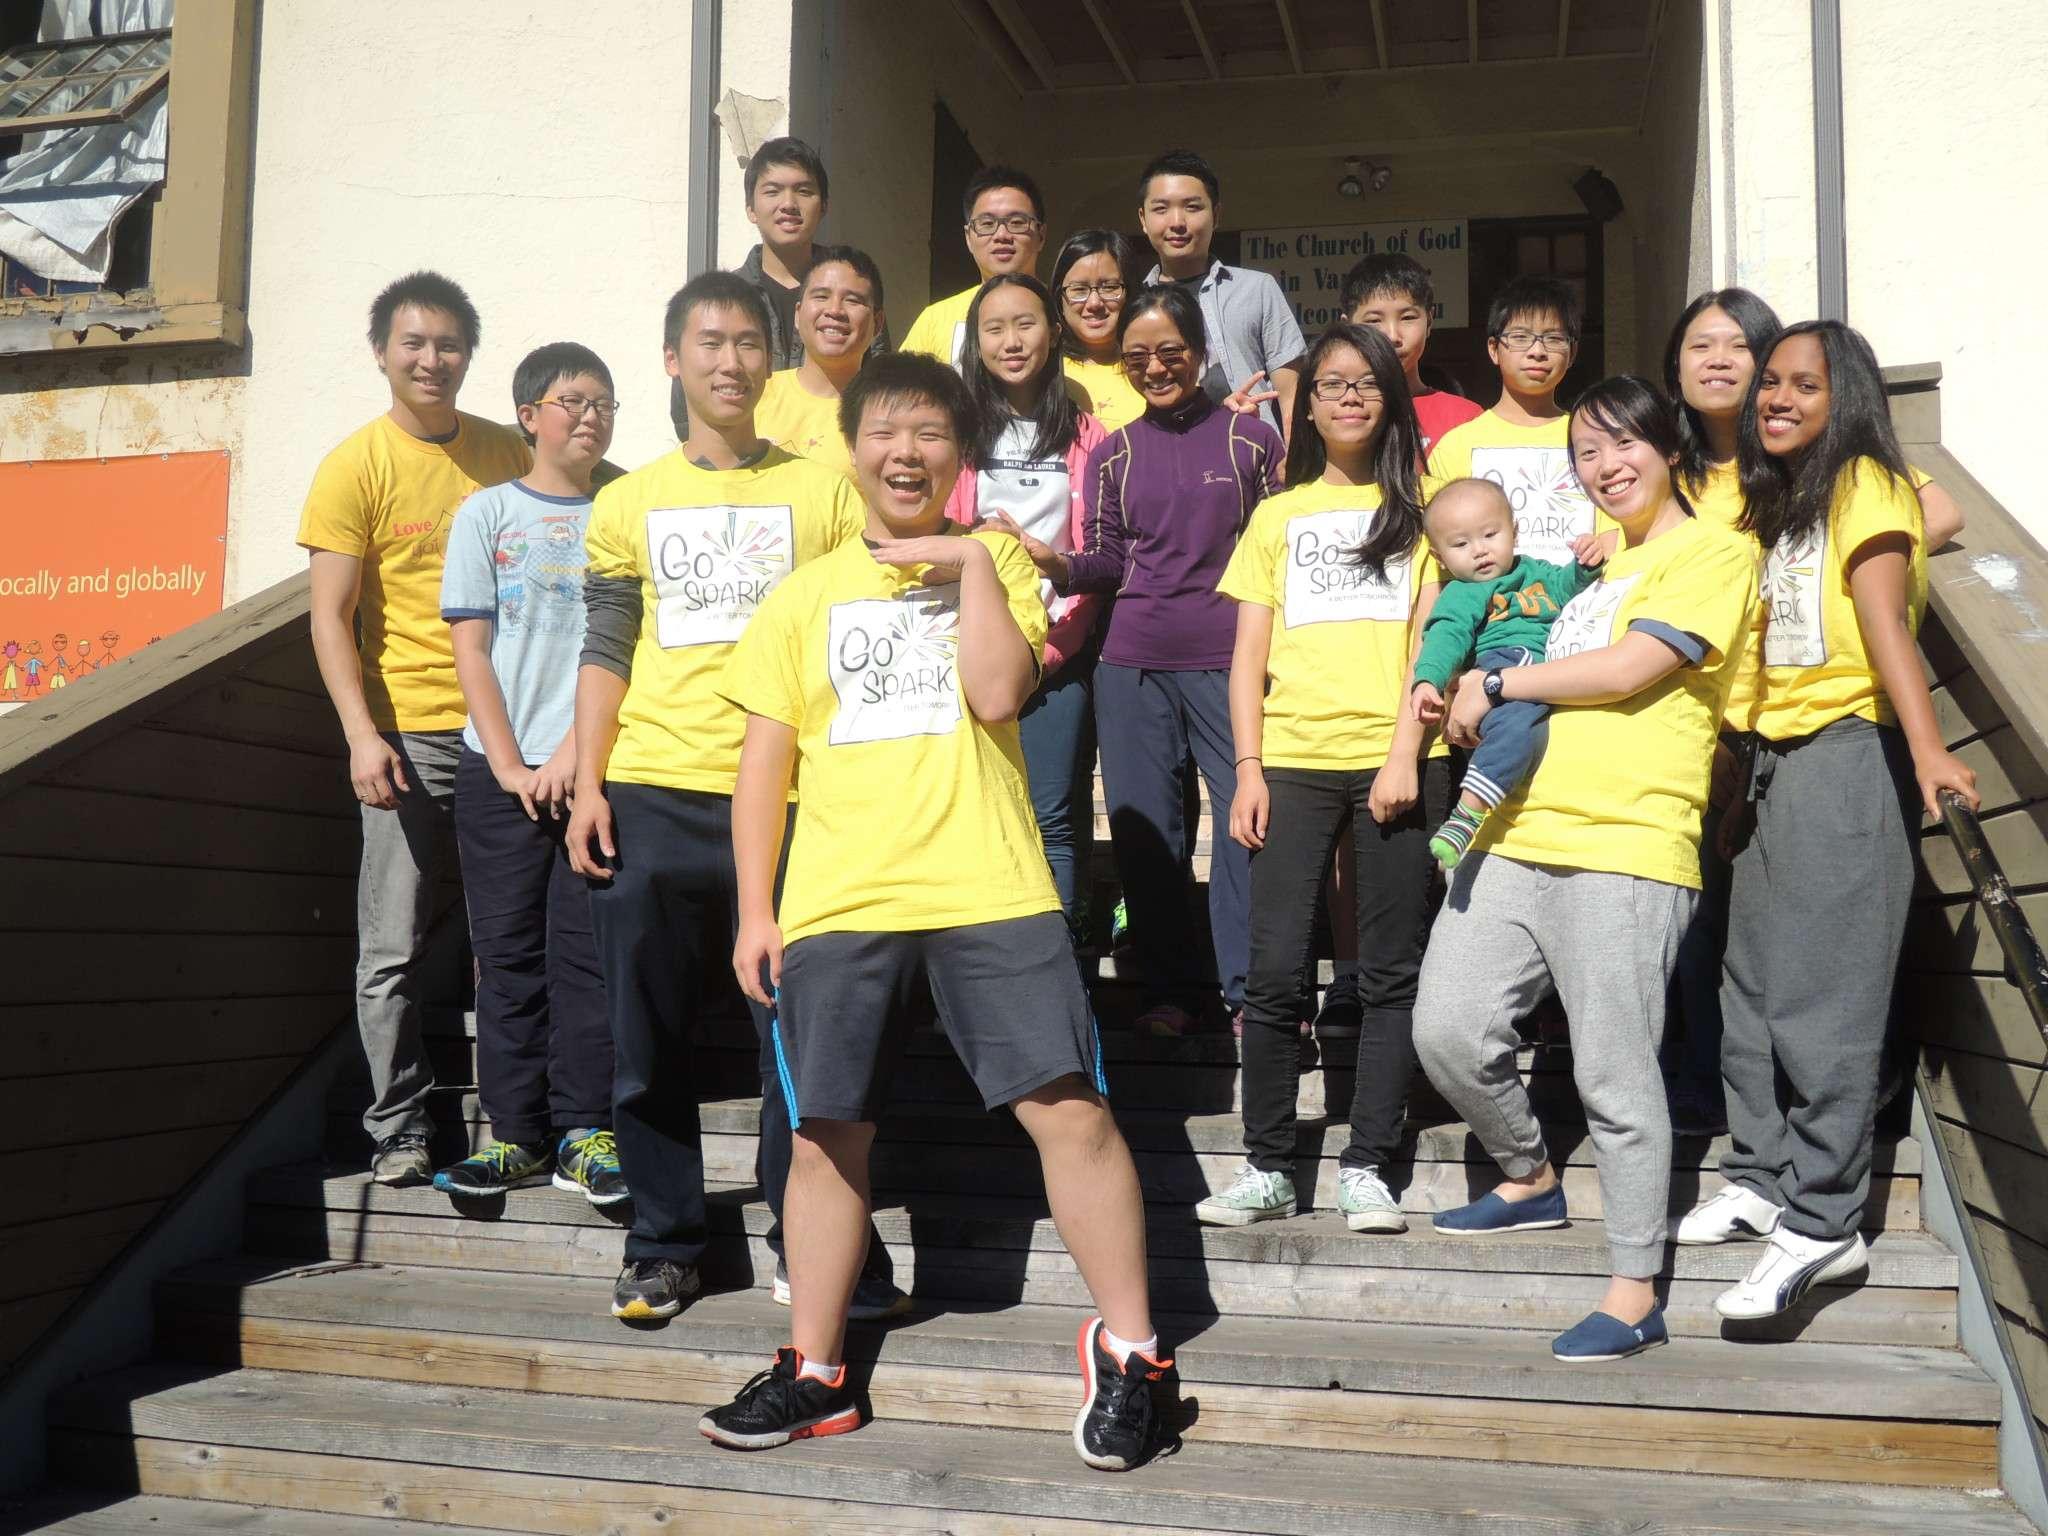 pre-teens-teens-group